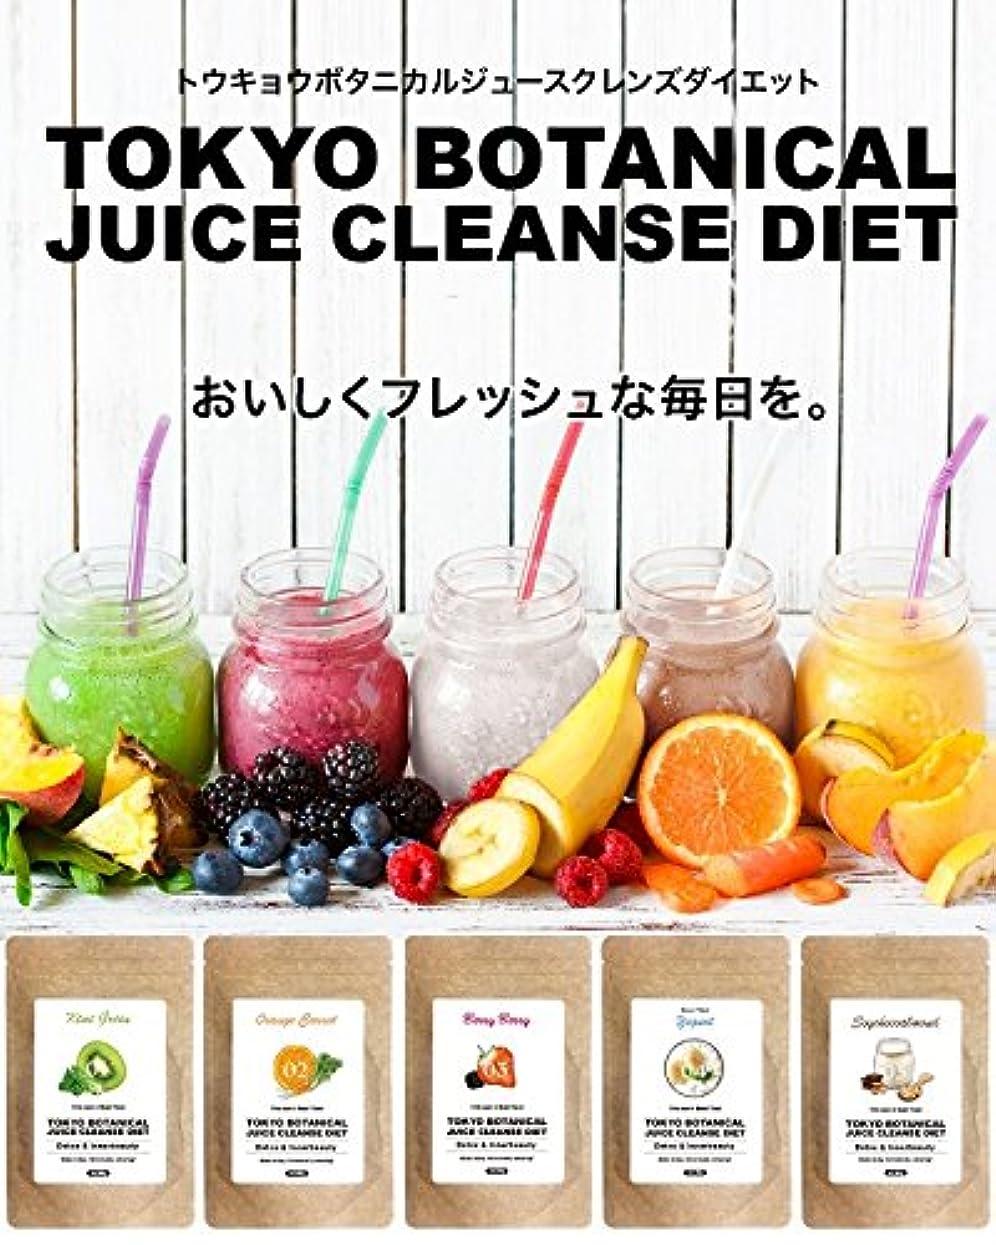 大声で破壊容器東京ボタニカルジュースクレンズダイエット  オレンジキャロット&ヨーグルトセット